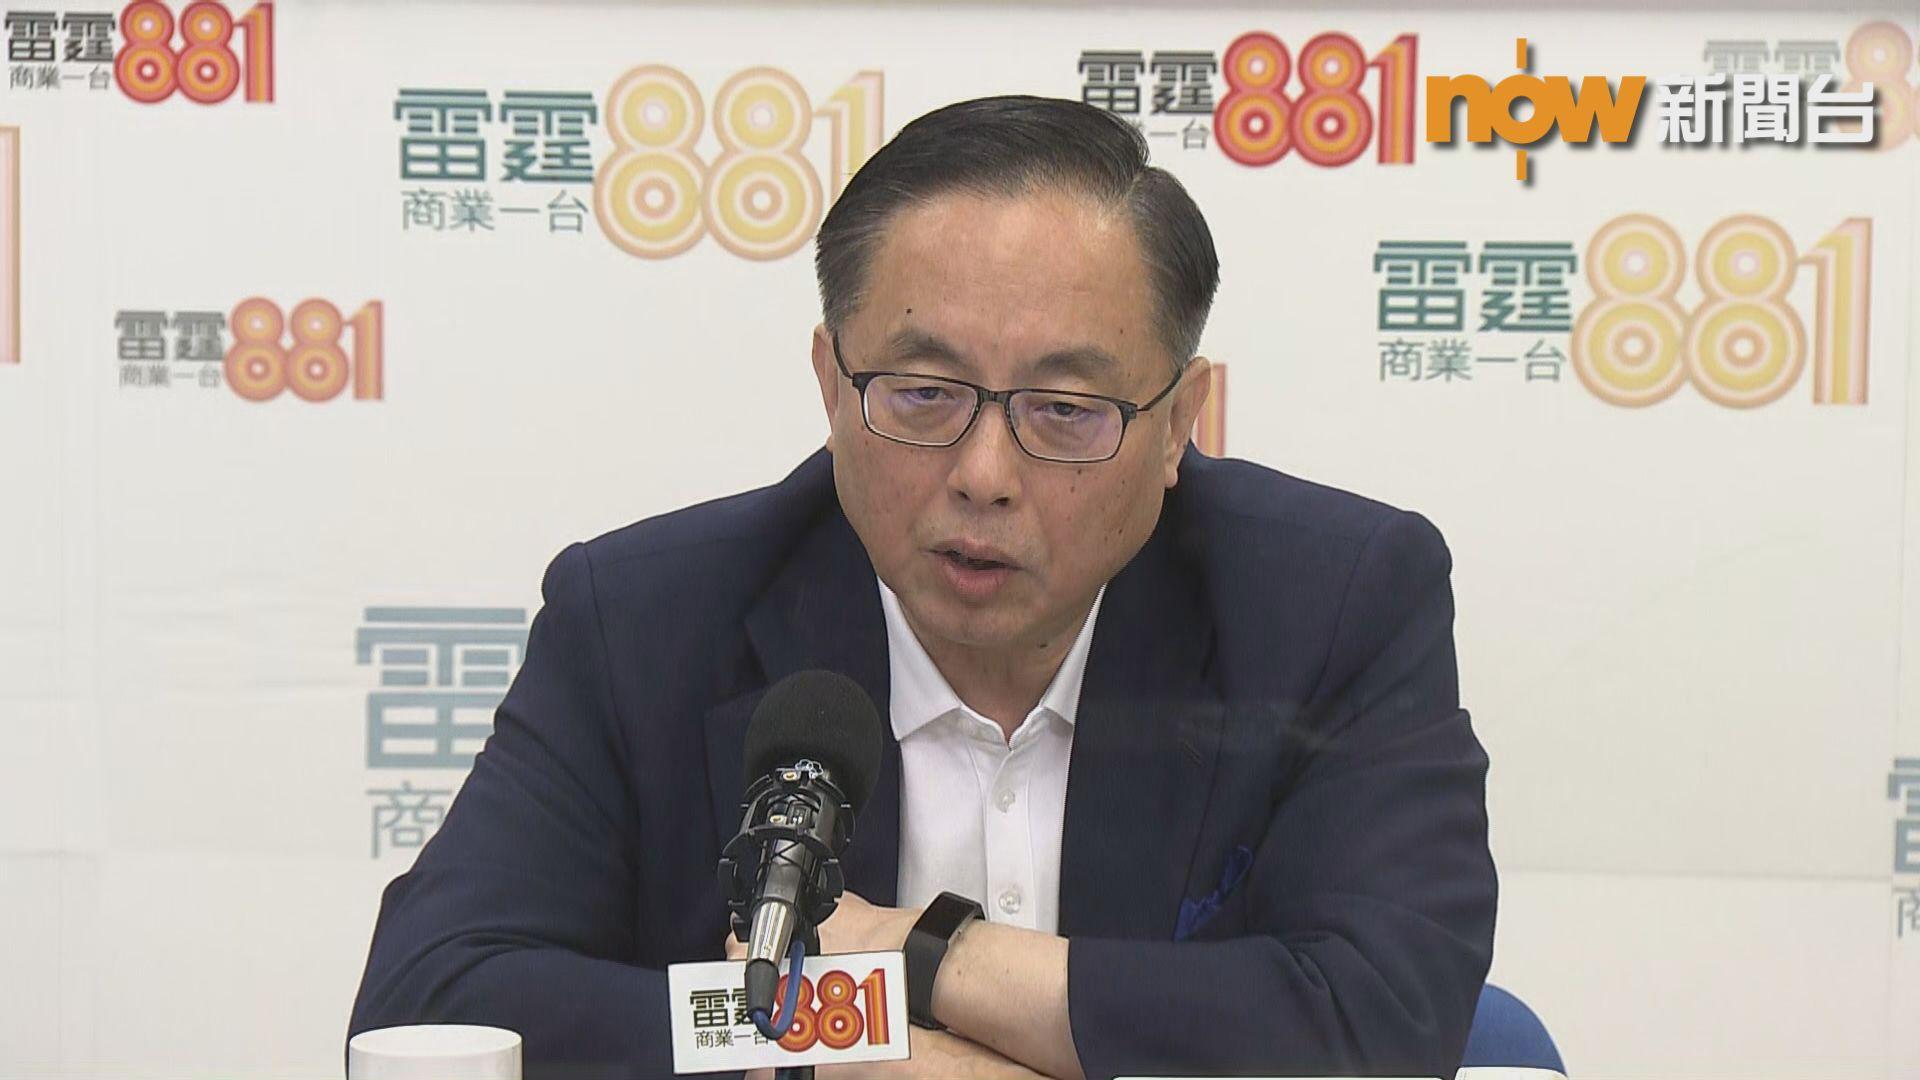 楊偉雄:經濟不明朗致科技人才入境申請低